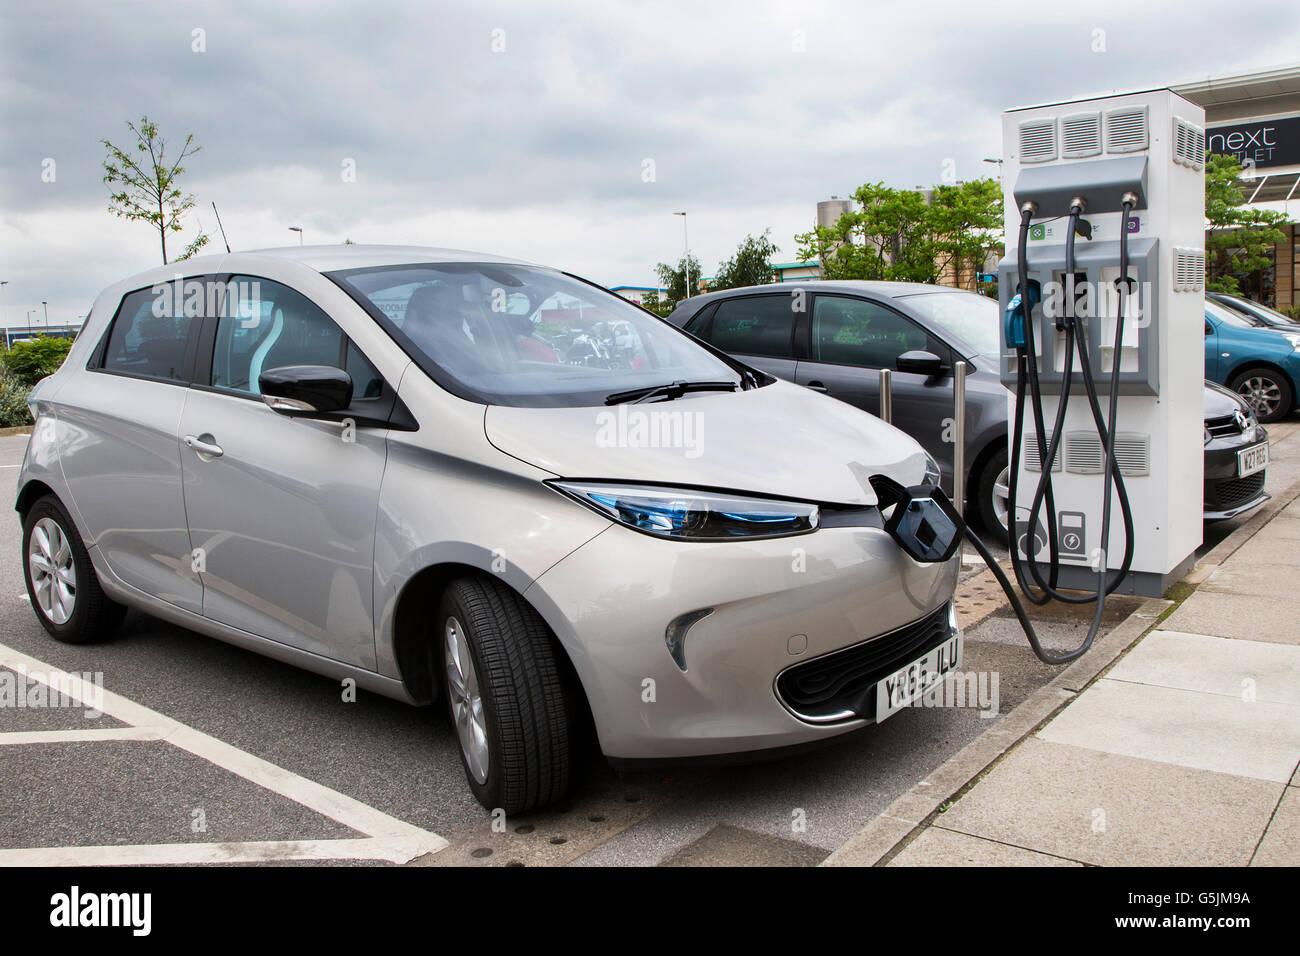 Elettrico di Renault auto in carica in corrispondenza di un punto di ricarica nel parcheggio di un retail outlet Immagini Stock